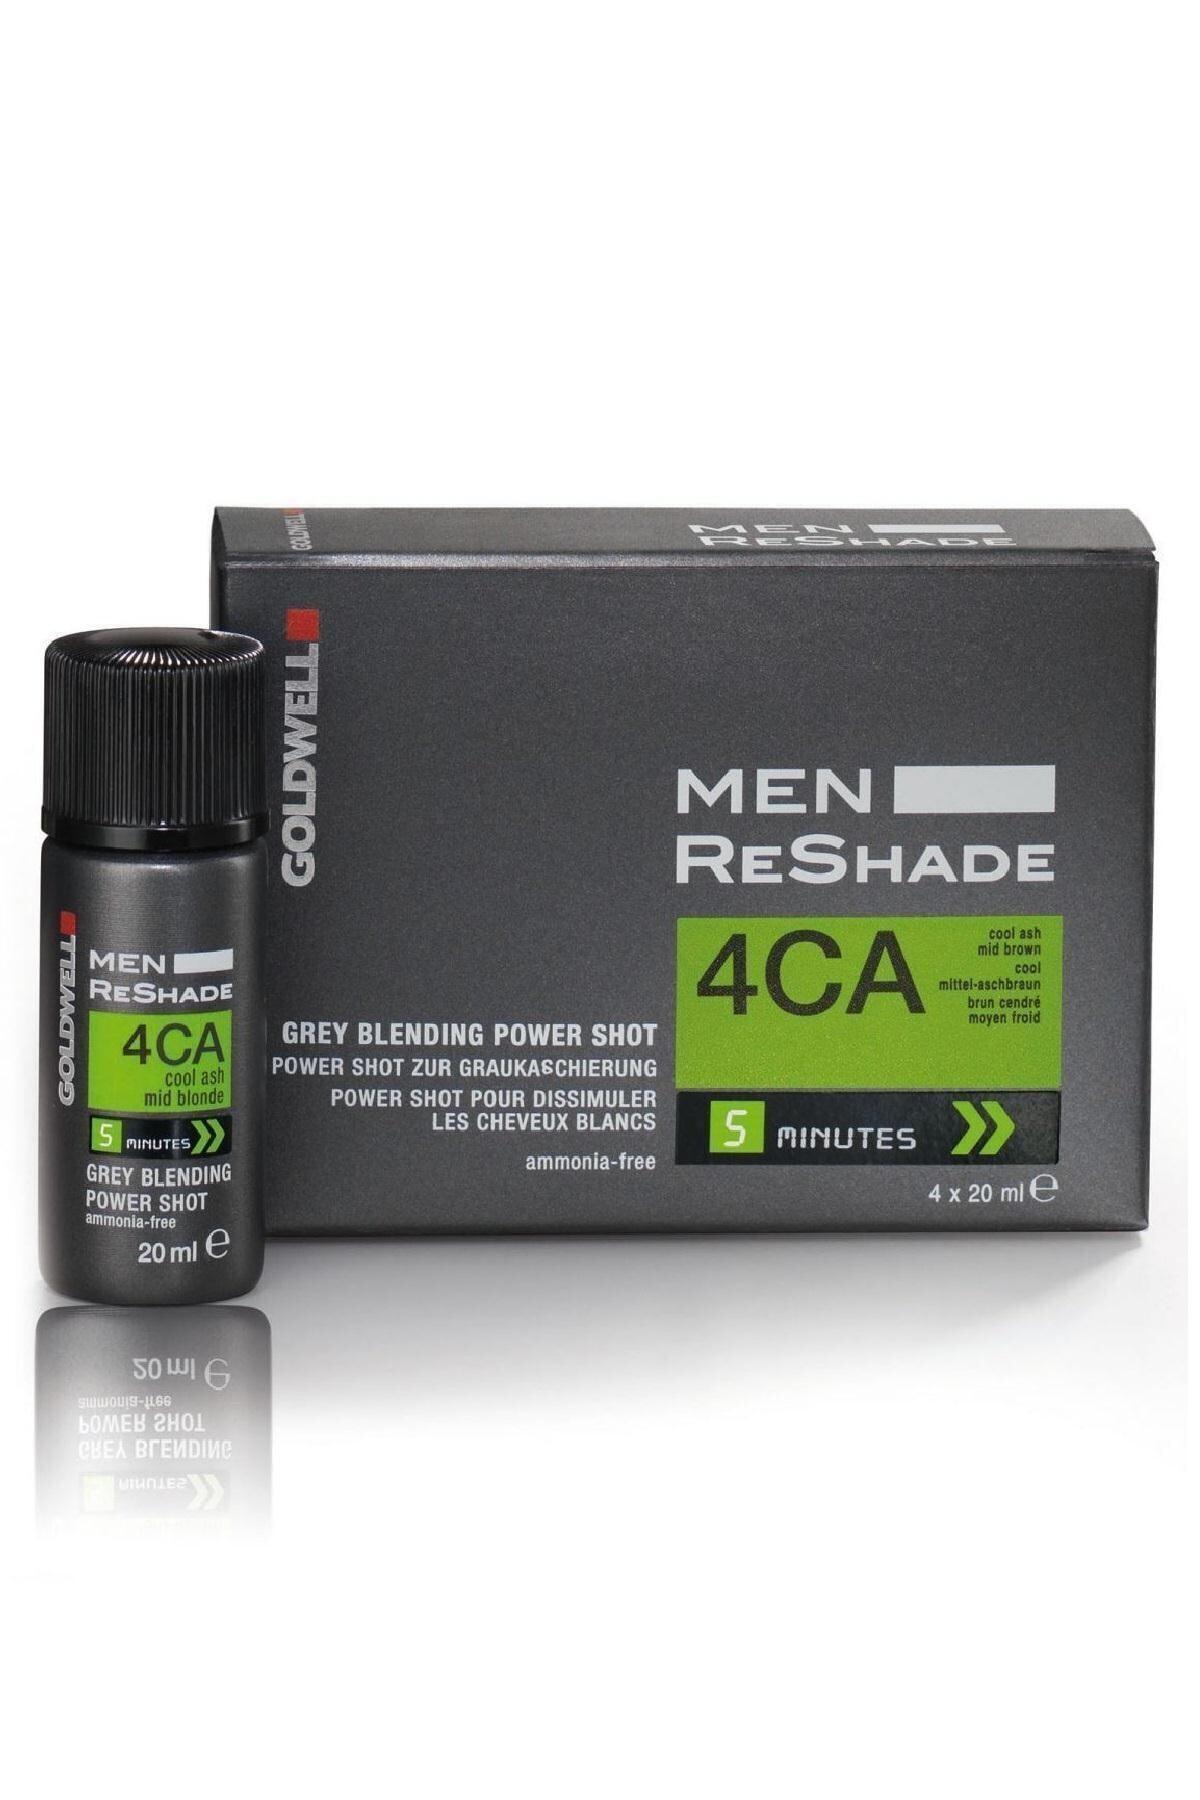 GOLDWELL 4ca Men Reshade Erkek Saç Boyası 4x20 ml 1